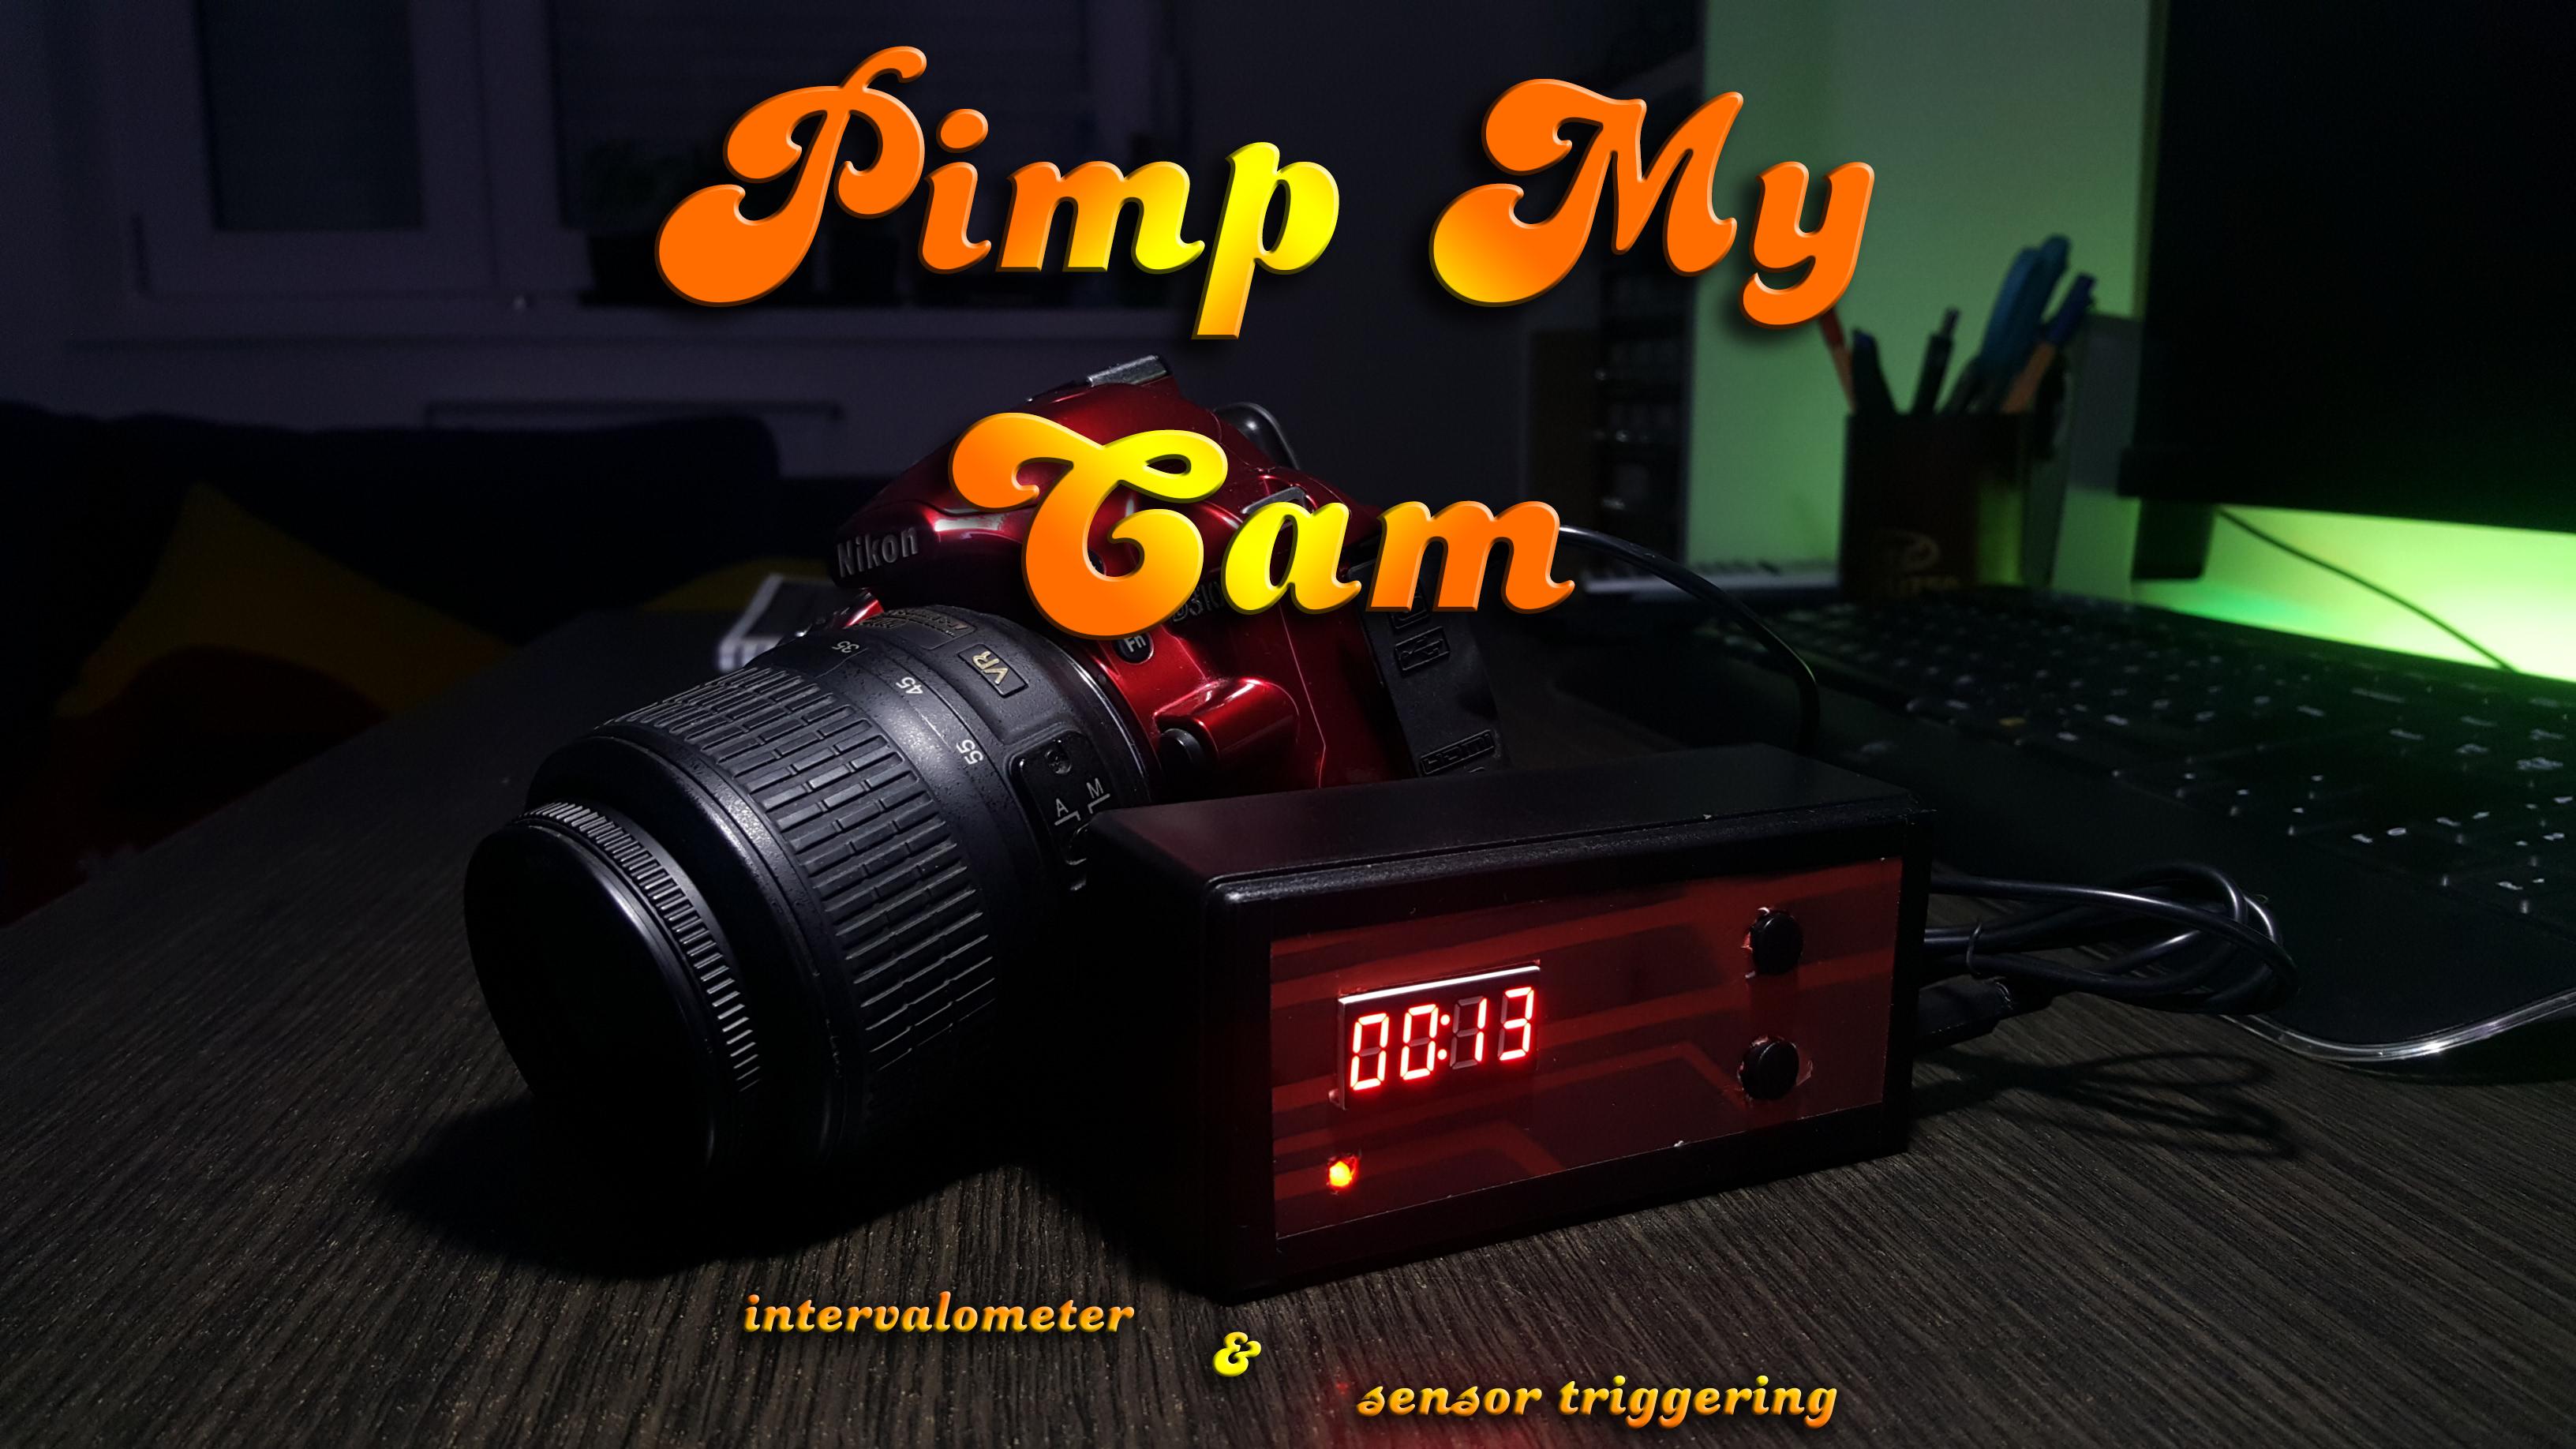 Picture of Pimp My Cam